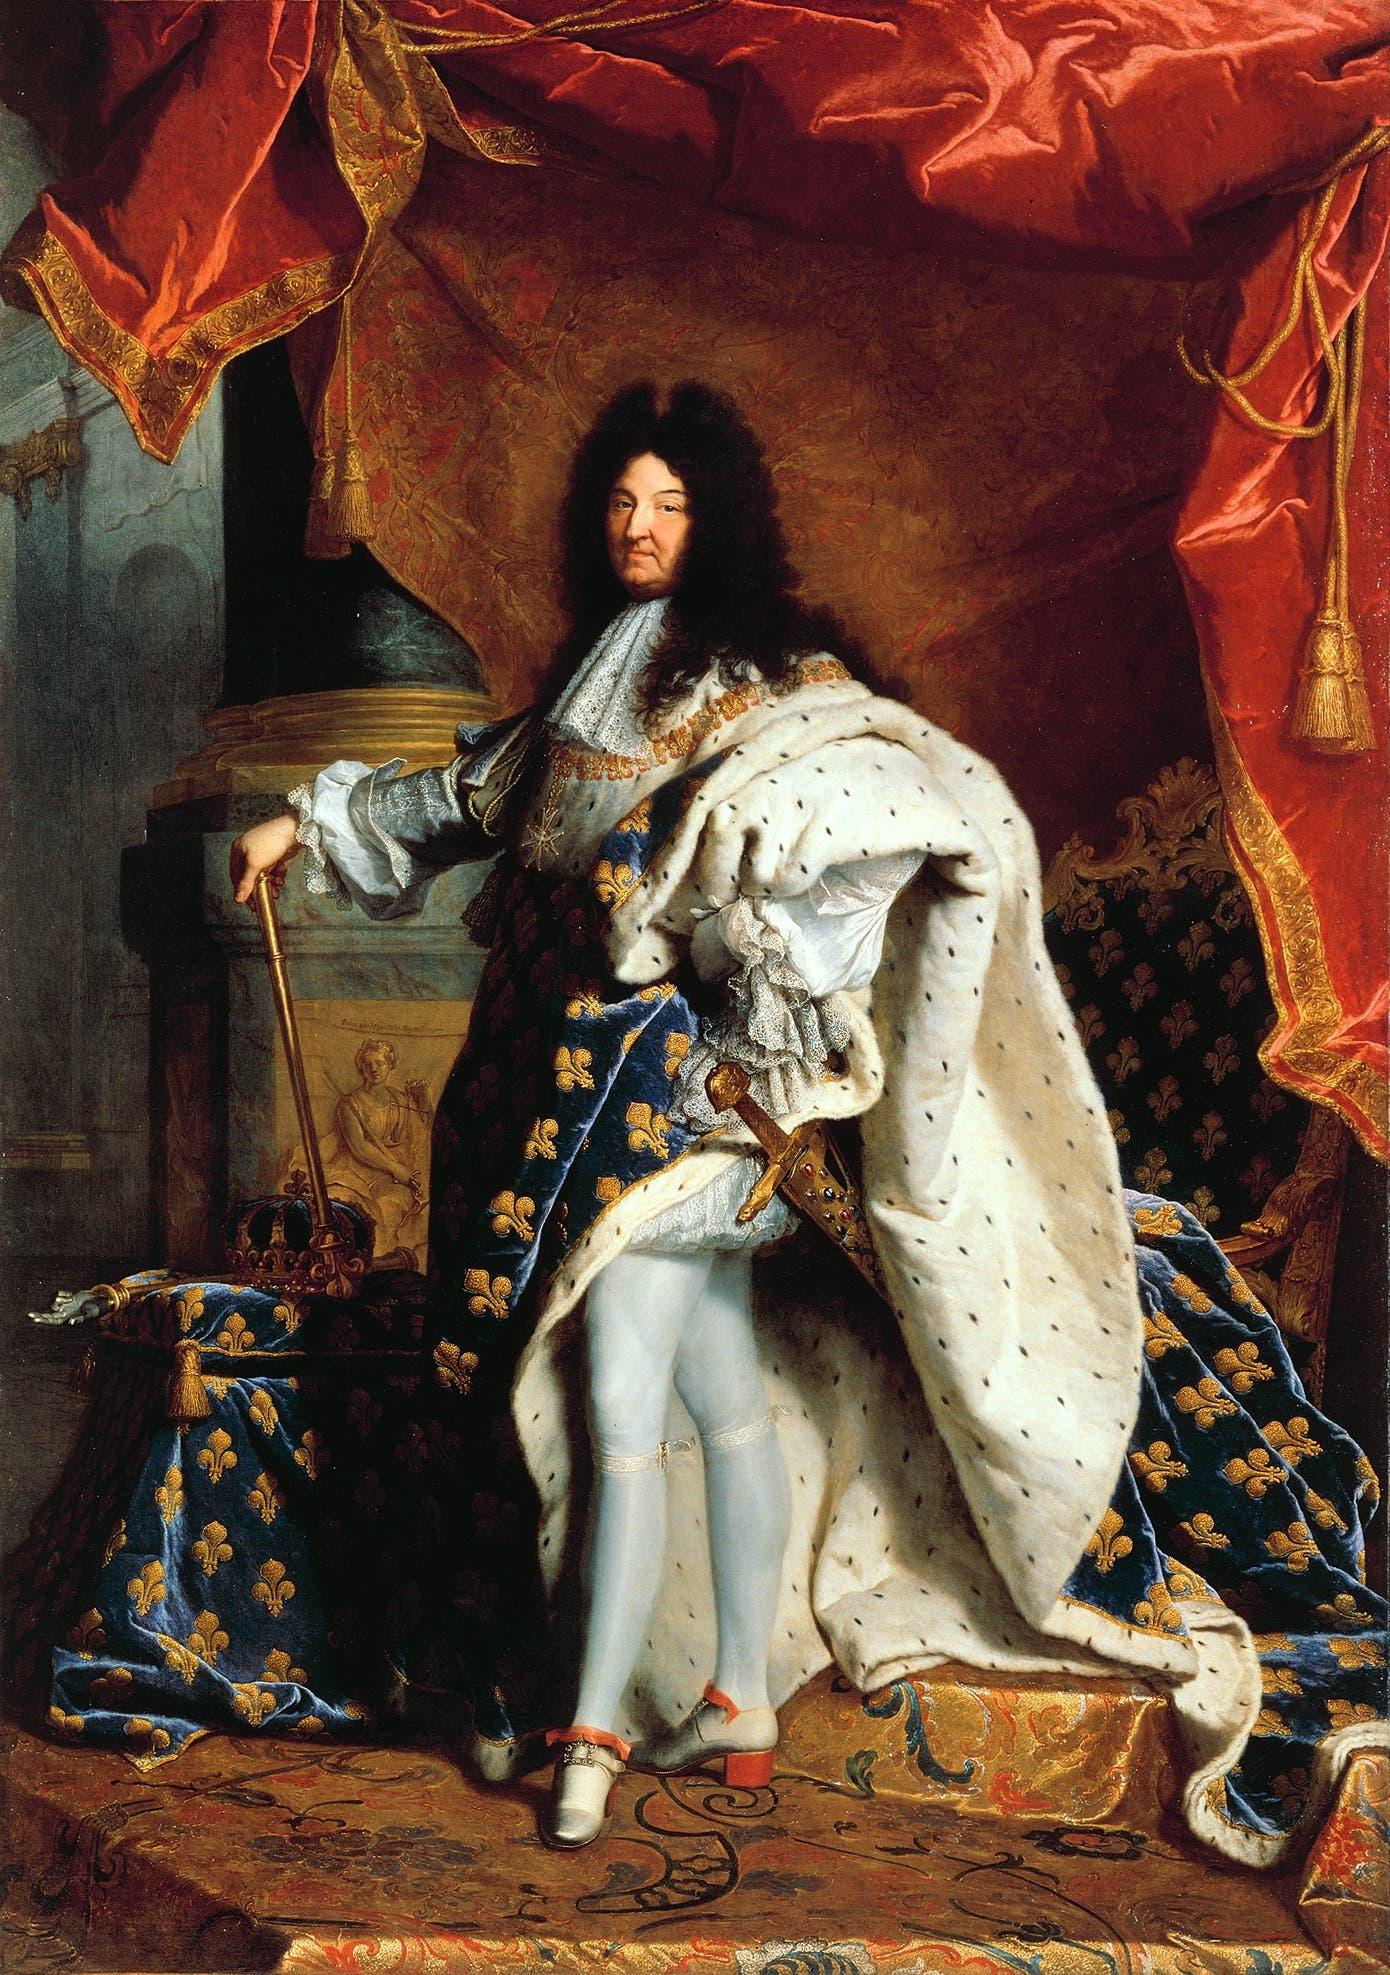 لوحة تجسد الملك لويس الرابع عشر